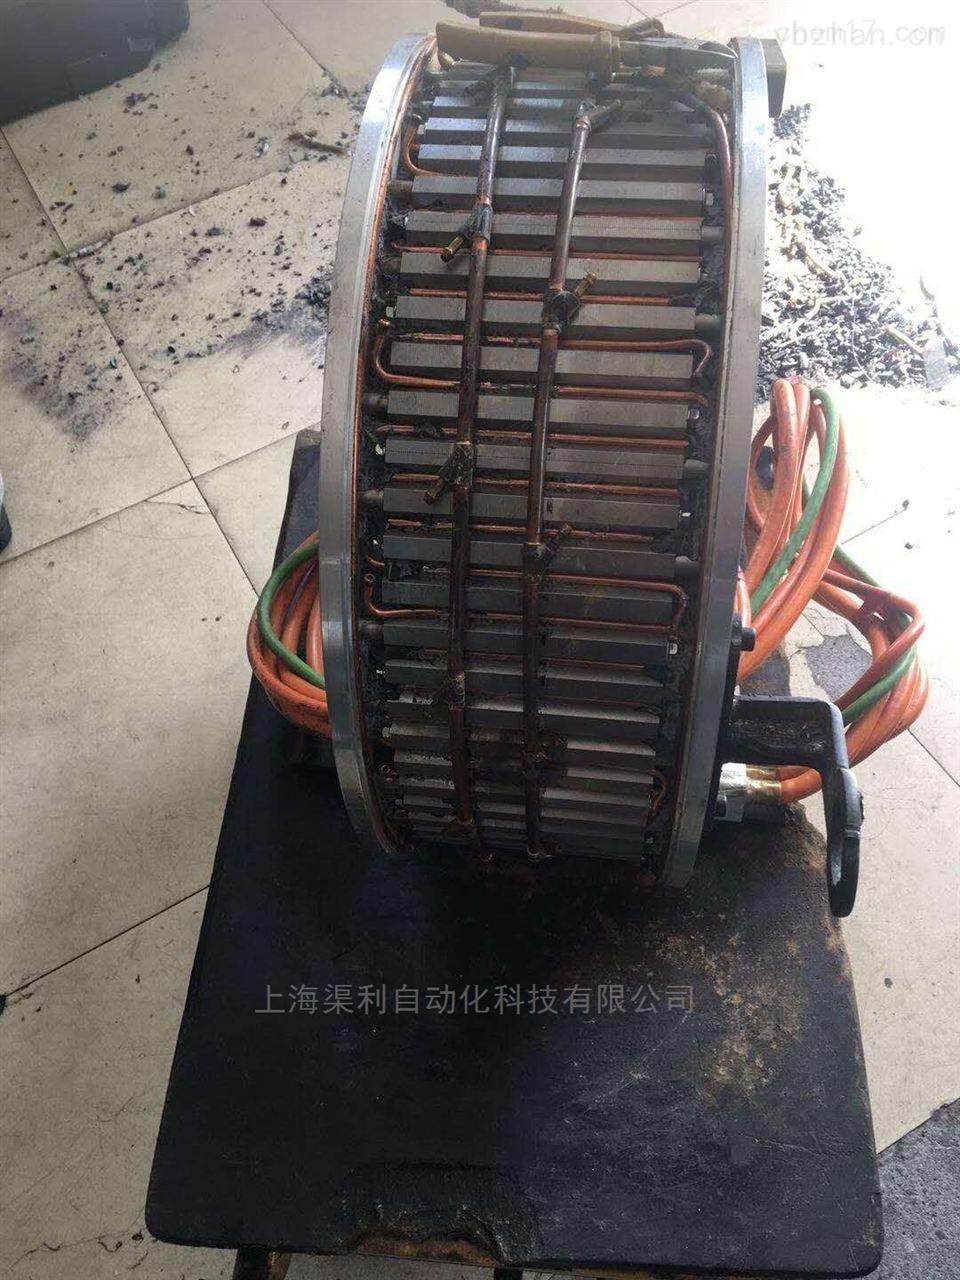 嘉兴西门子840D系统机床主轴电机更换轴承-当天检测提供维修